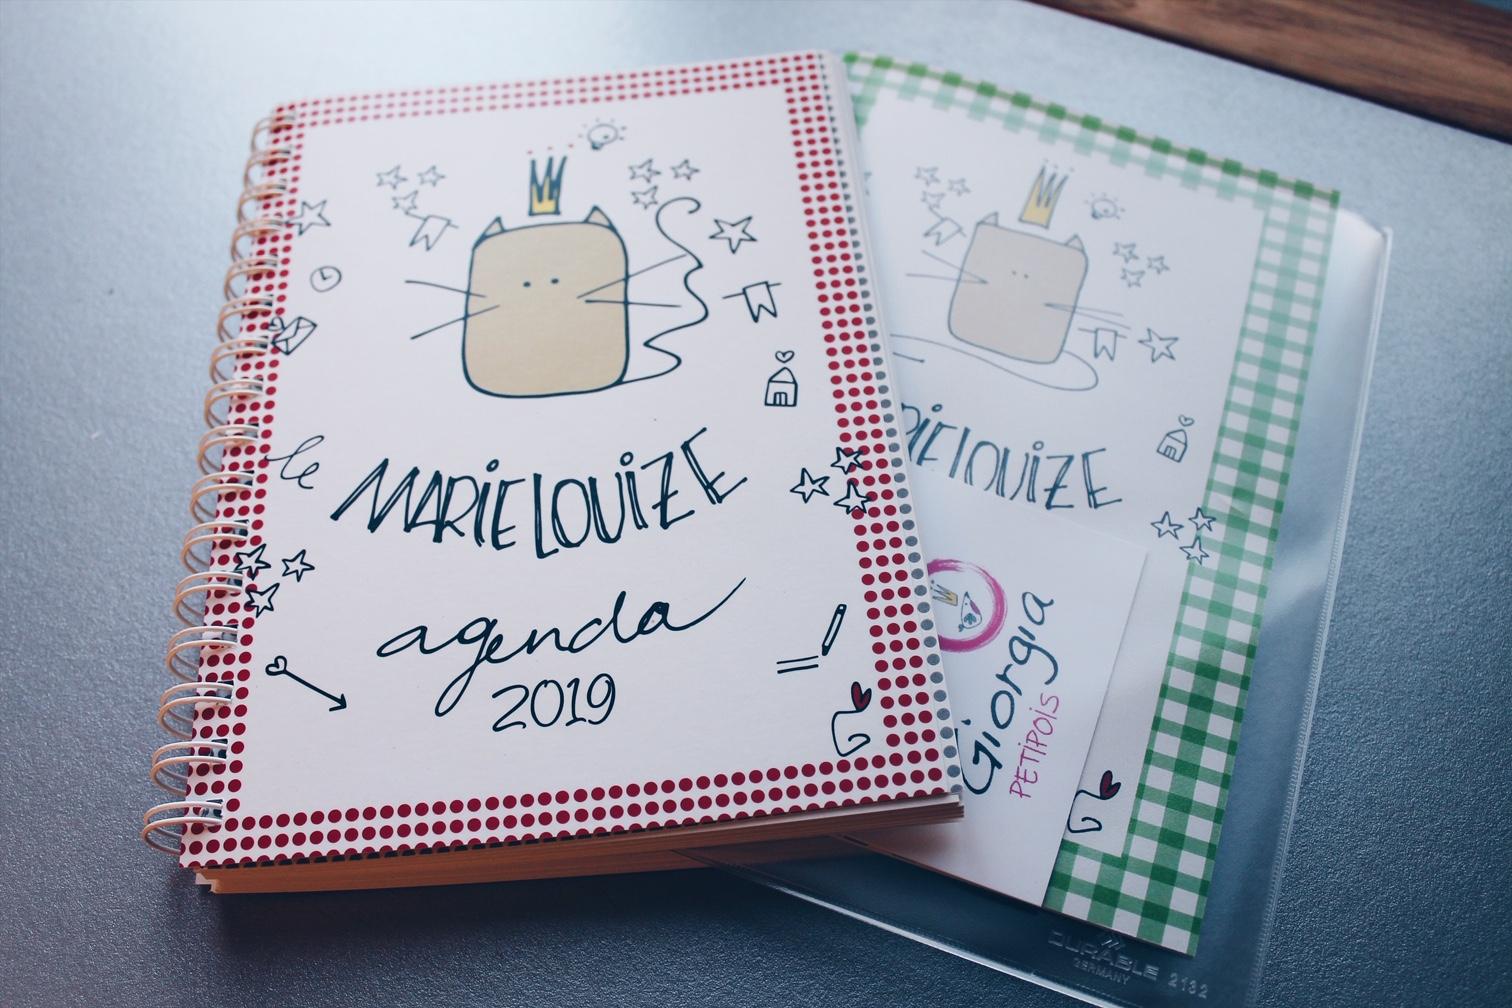 L'agenda 2019 des amoureux des chats, c'est le Marielouize Agenda ! Avec un carnet de recettes de Lau à la menthe, le blog food belge bio !